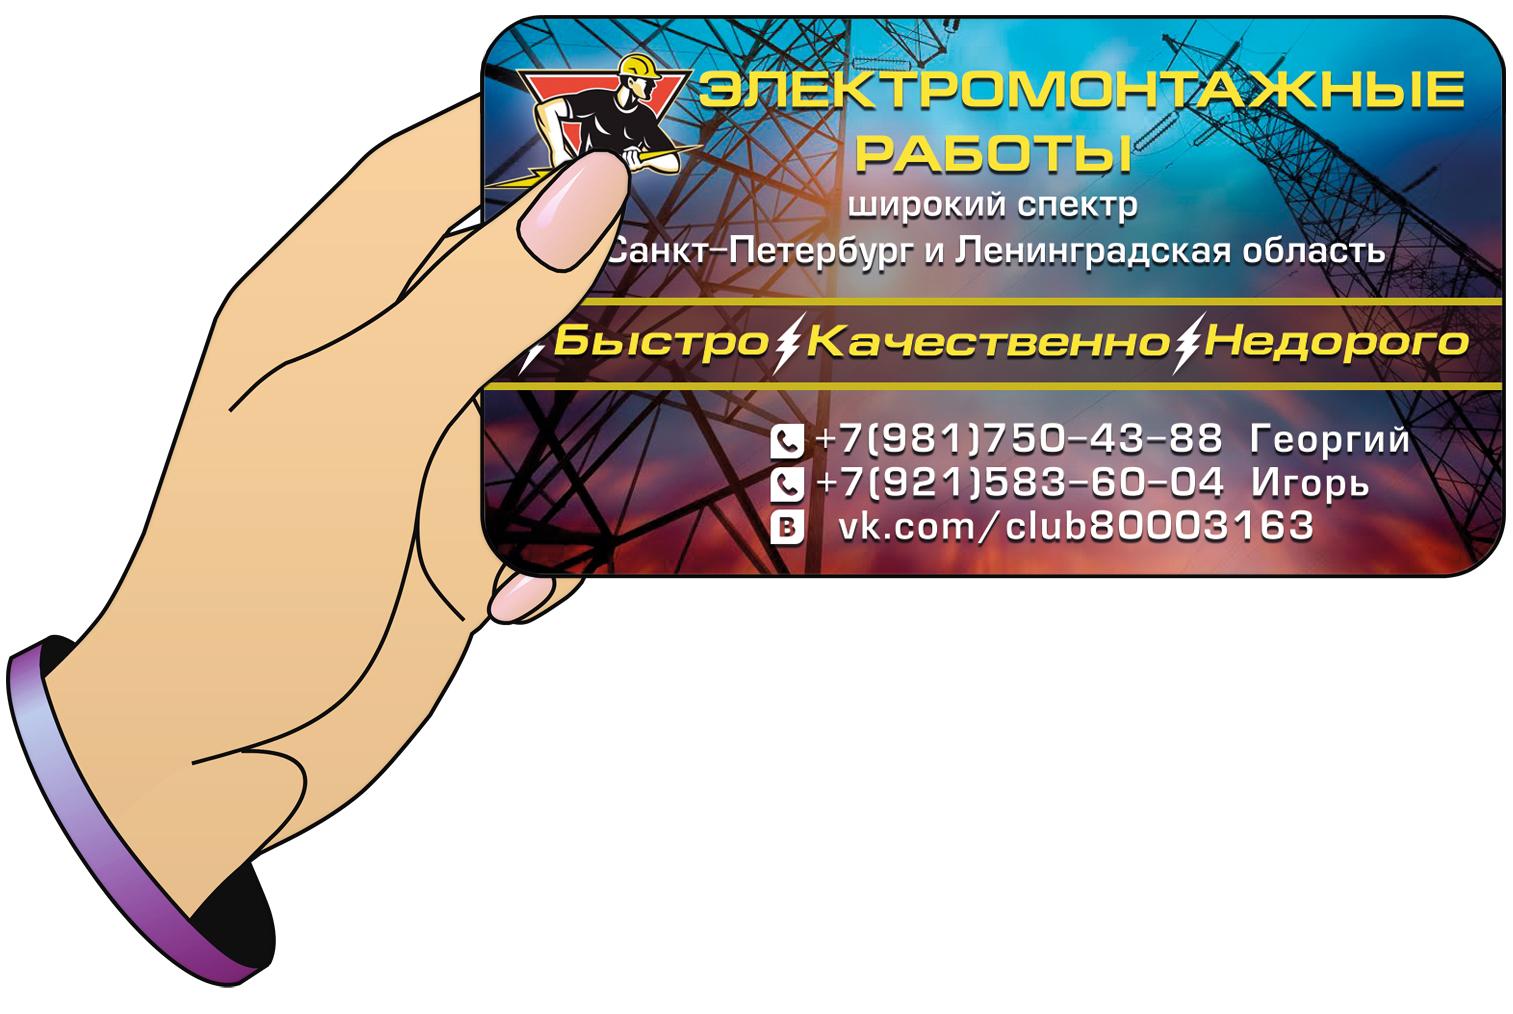 Визитка - Электромонтажные работы